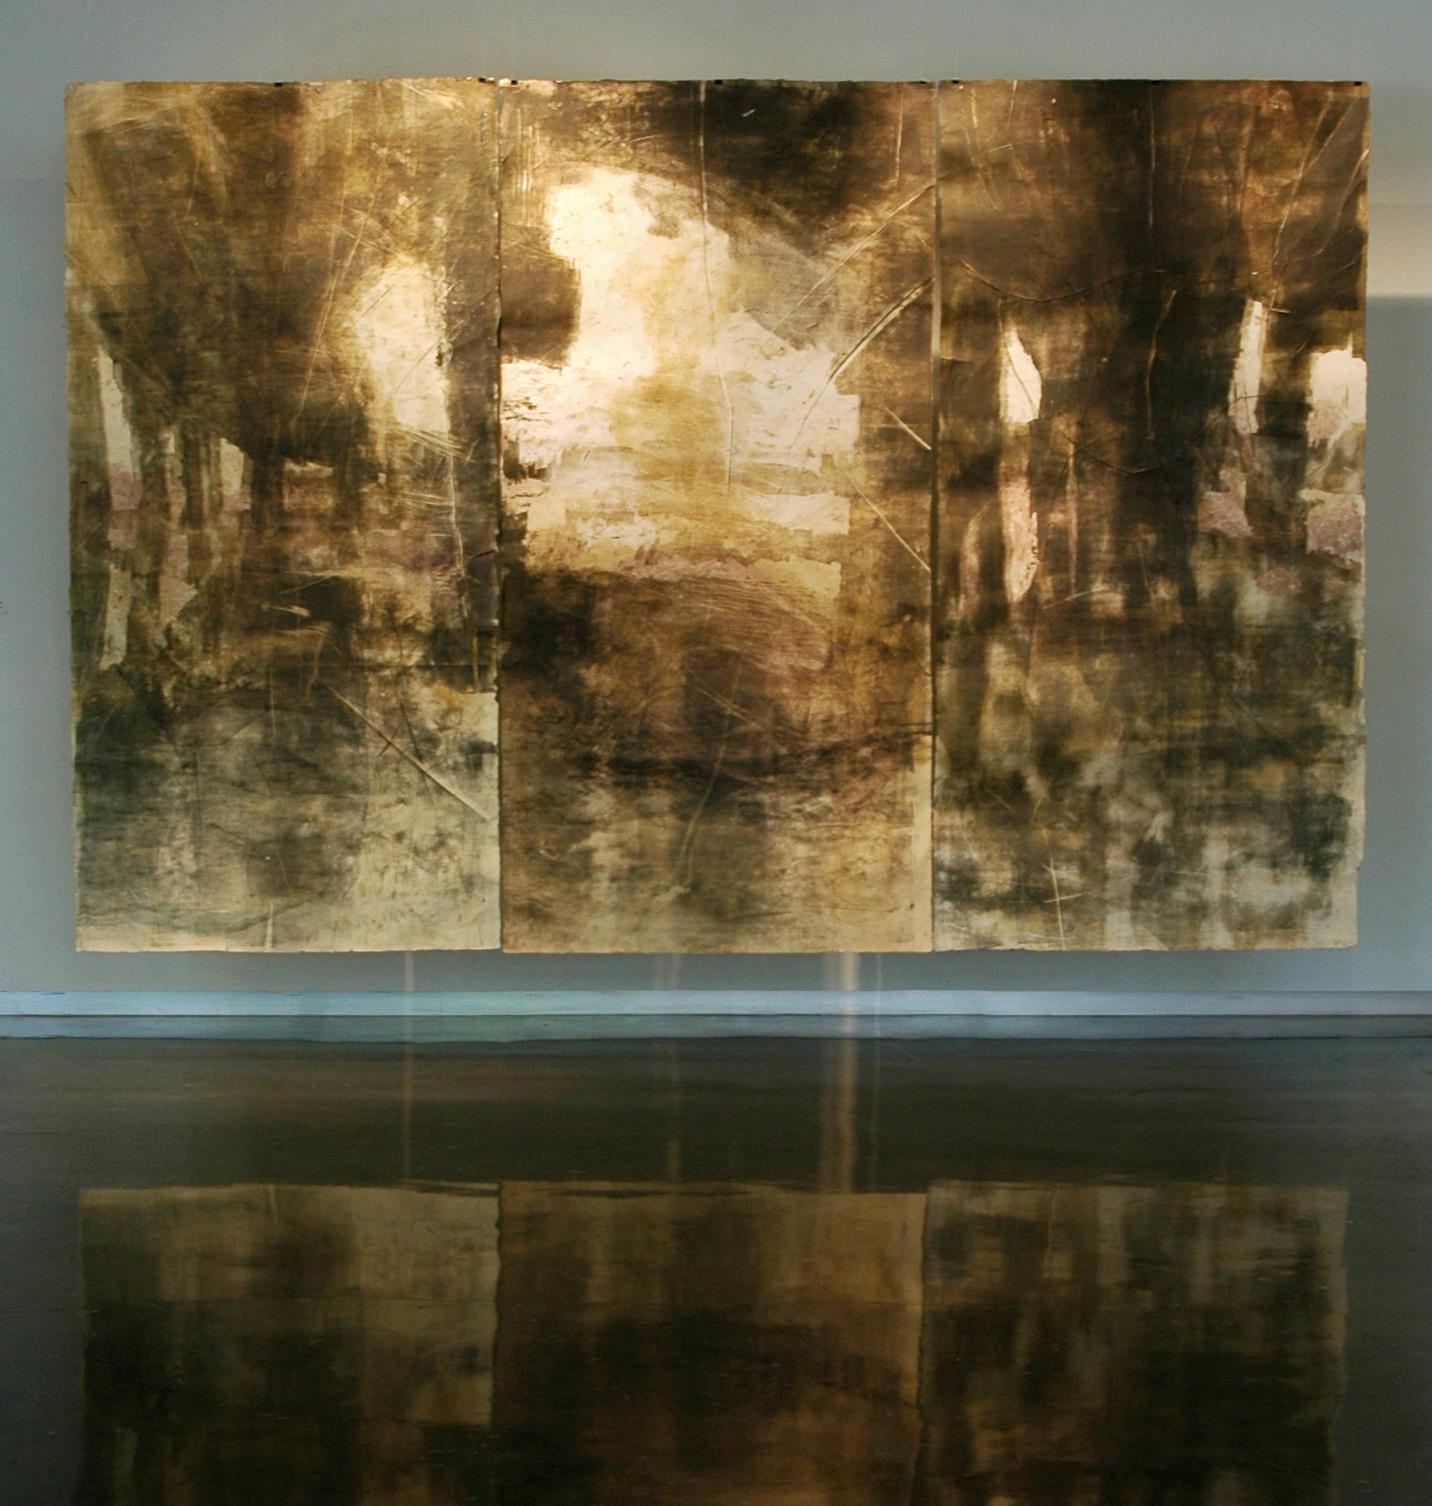 Port Allen Bridge, 2010, Woodcut, Handmade Paper, 8' x 12'